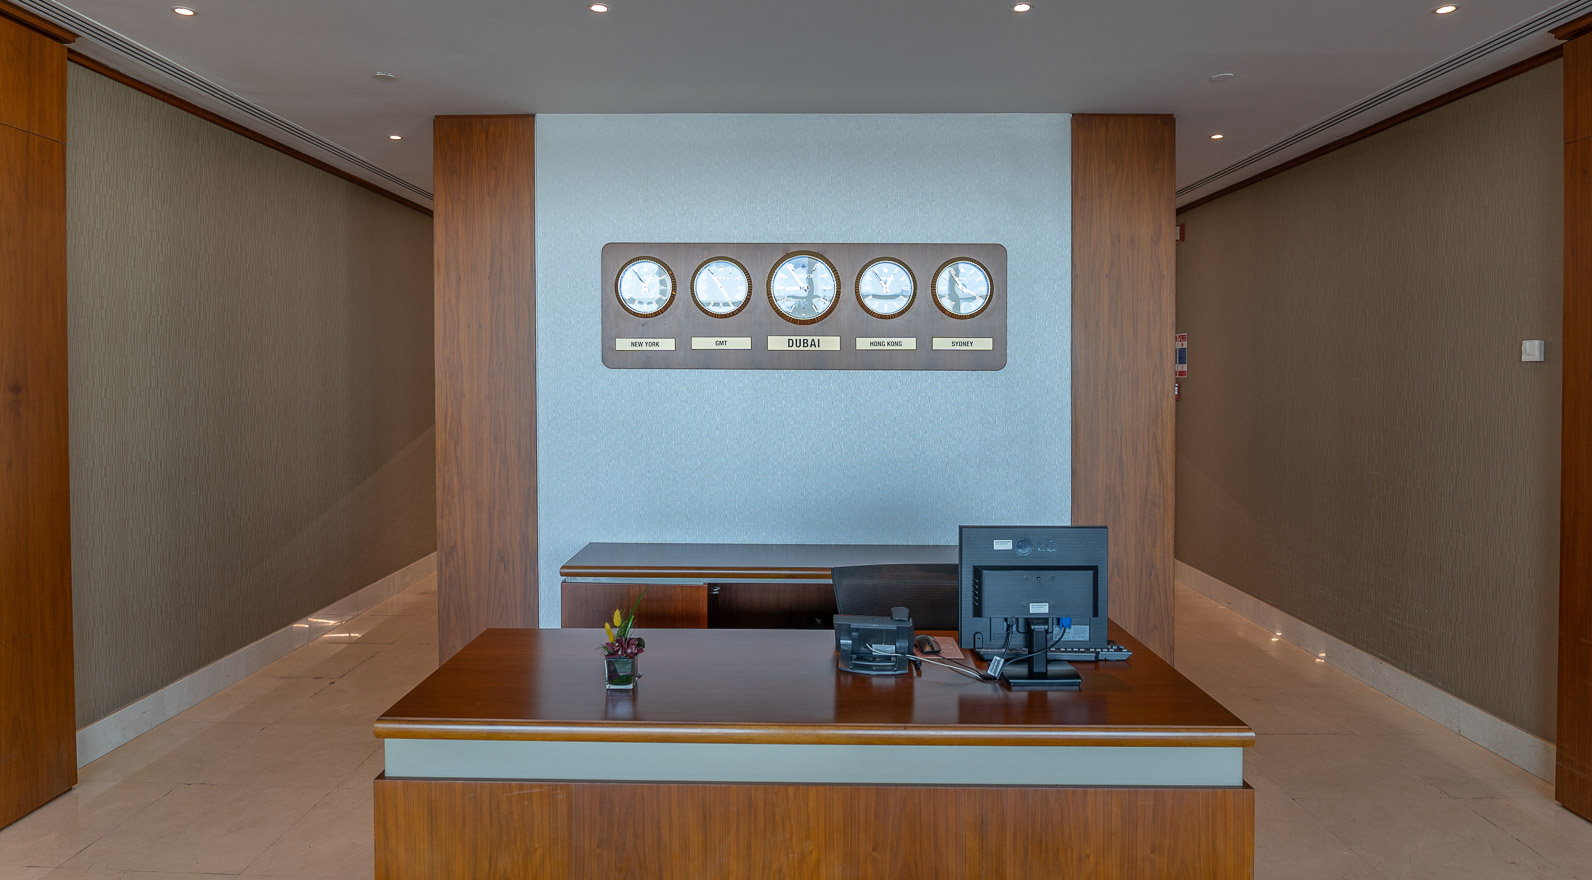 EK F lounge C gates 2 - REVIEW - Emirates Lounge - Dubai (DXB) - C Concourse